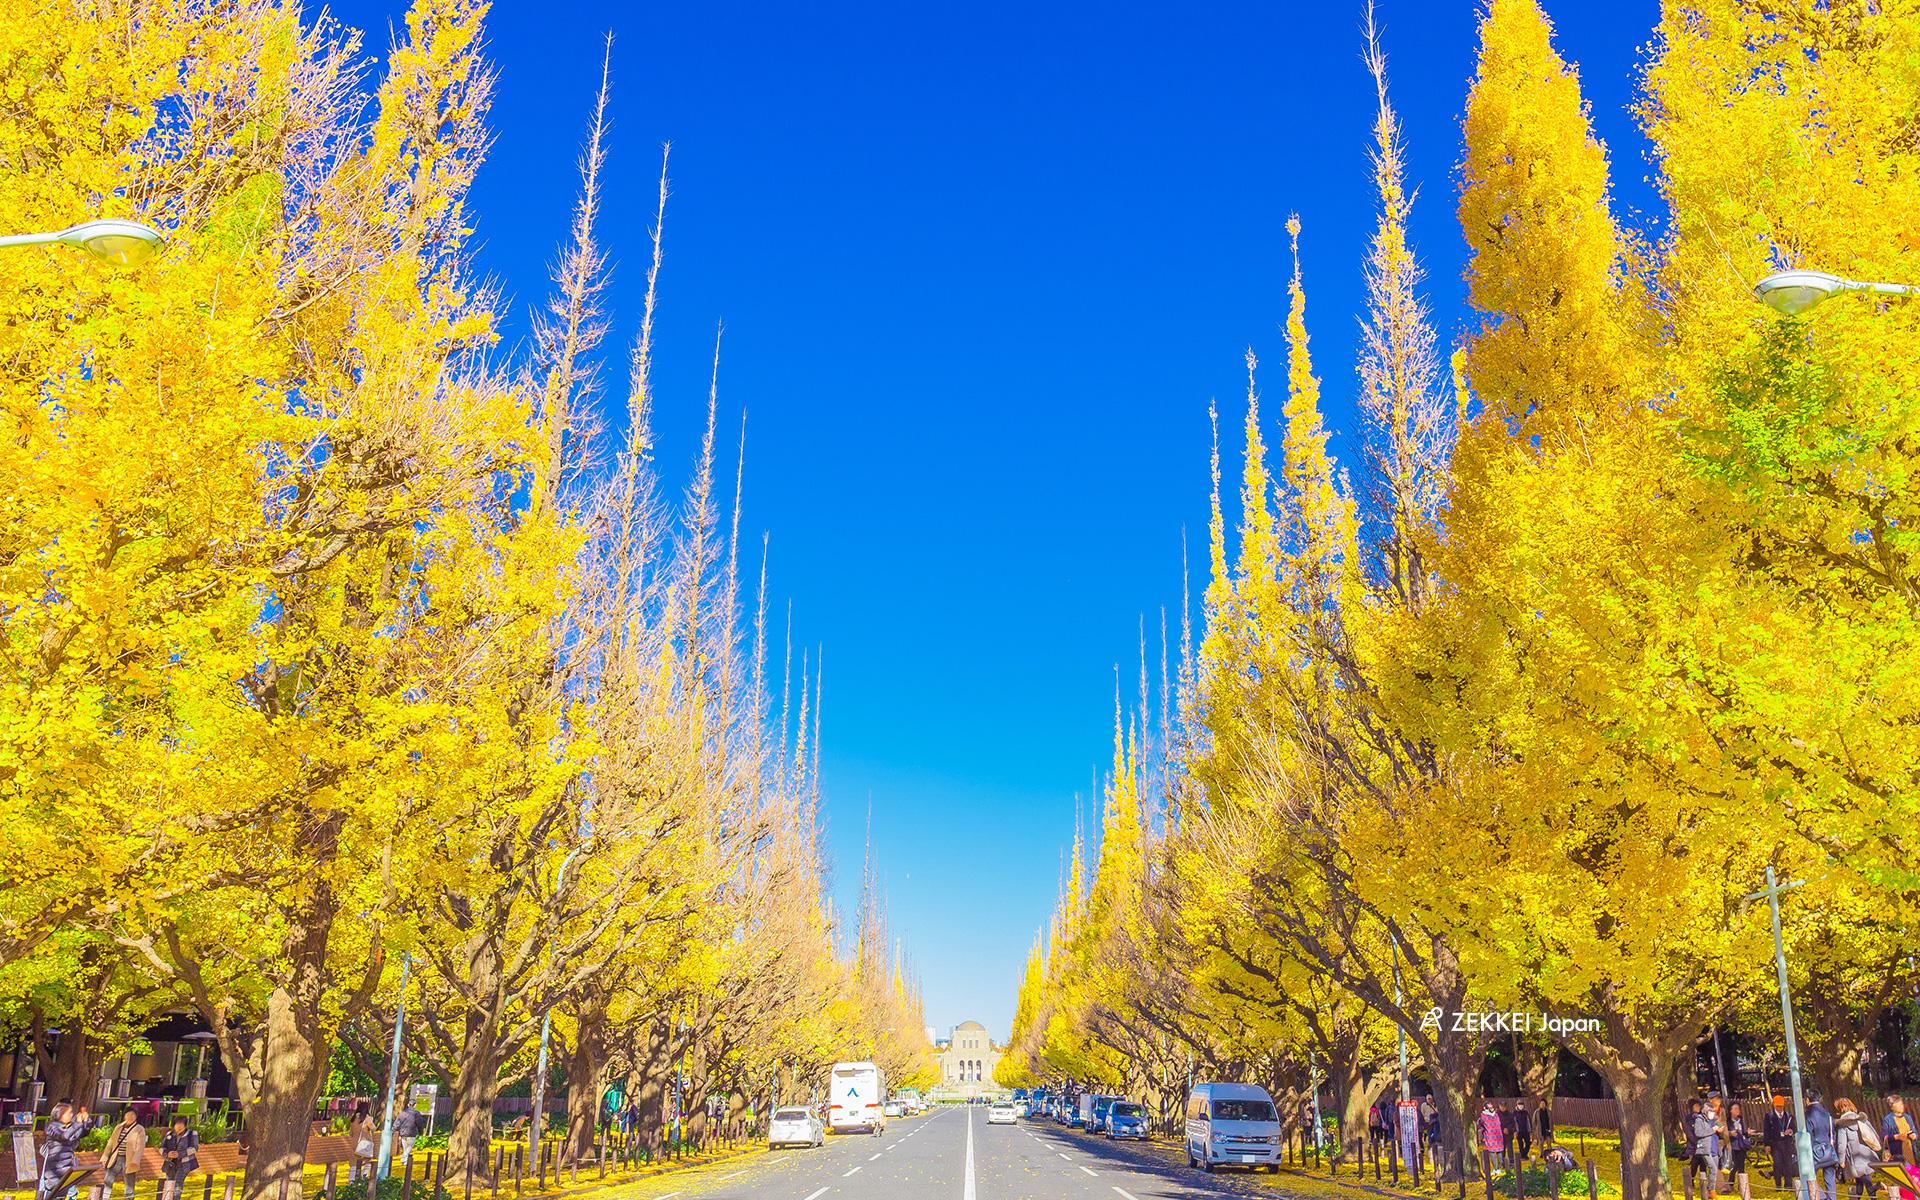 絕景桌布 金黃銀杏散步大道絕景桌布大放送 絕景日本